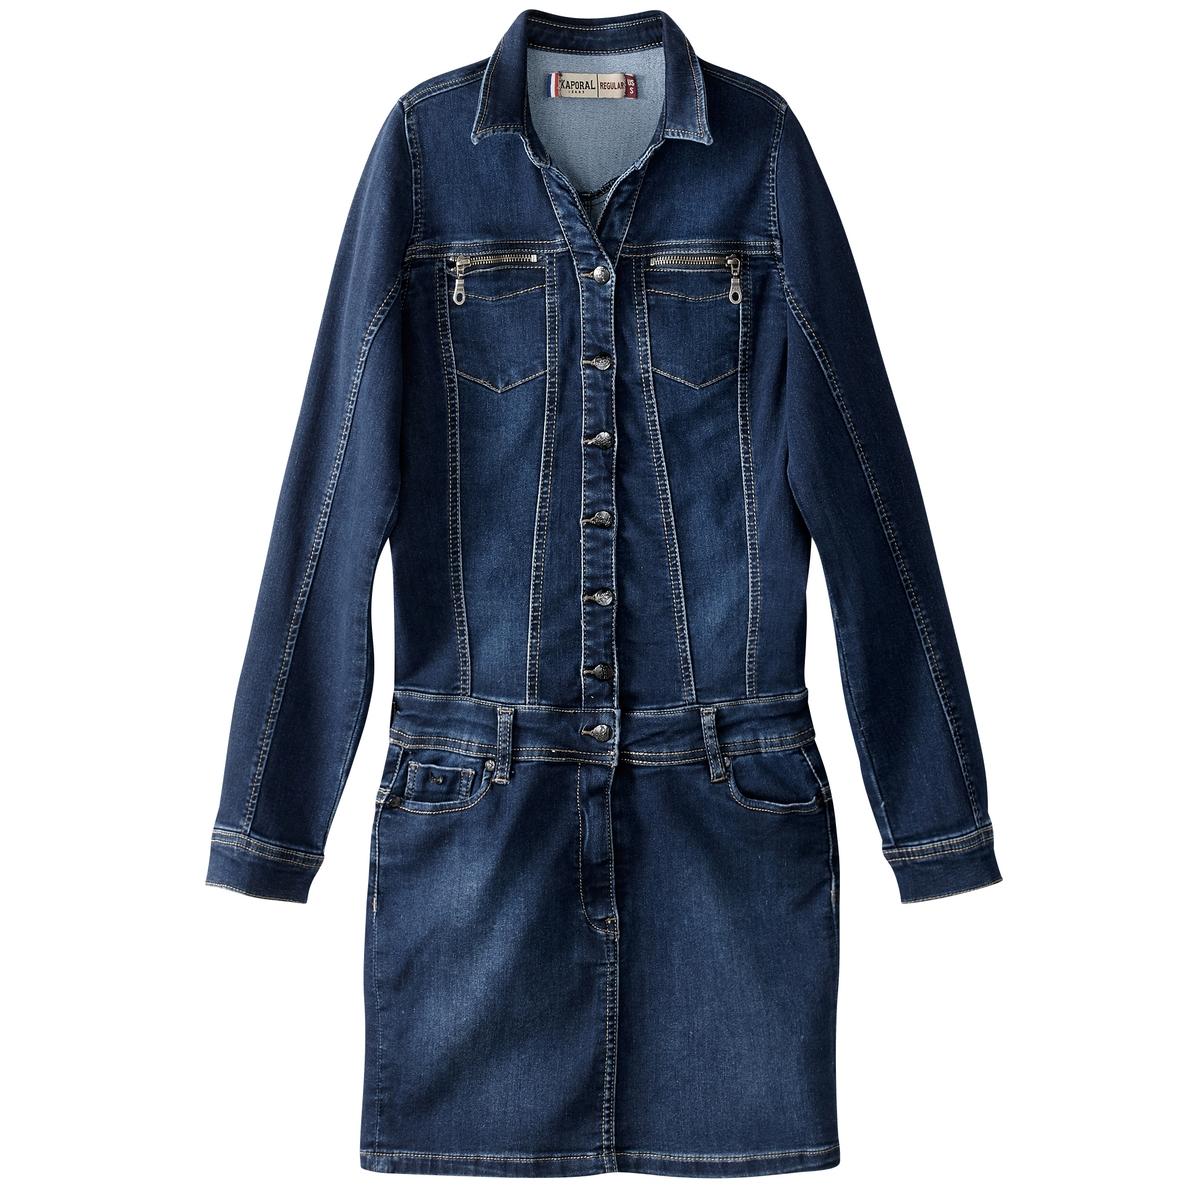 Платье джинсовое DAFNEДетали •  Форма : прямая •  Длина до колен •  Длинные рукава    •  Воротник-поло, рубашечный Состав и уход •  98% хлопка, 2% эластана •  Следуйте рекомендациям по уходу, указанным на этикетке изделия<br><br>Цвет: темно-синий<br>Размер: M